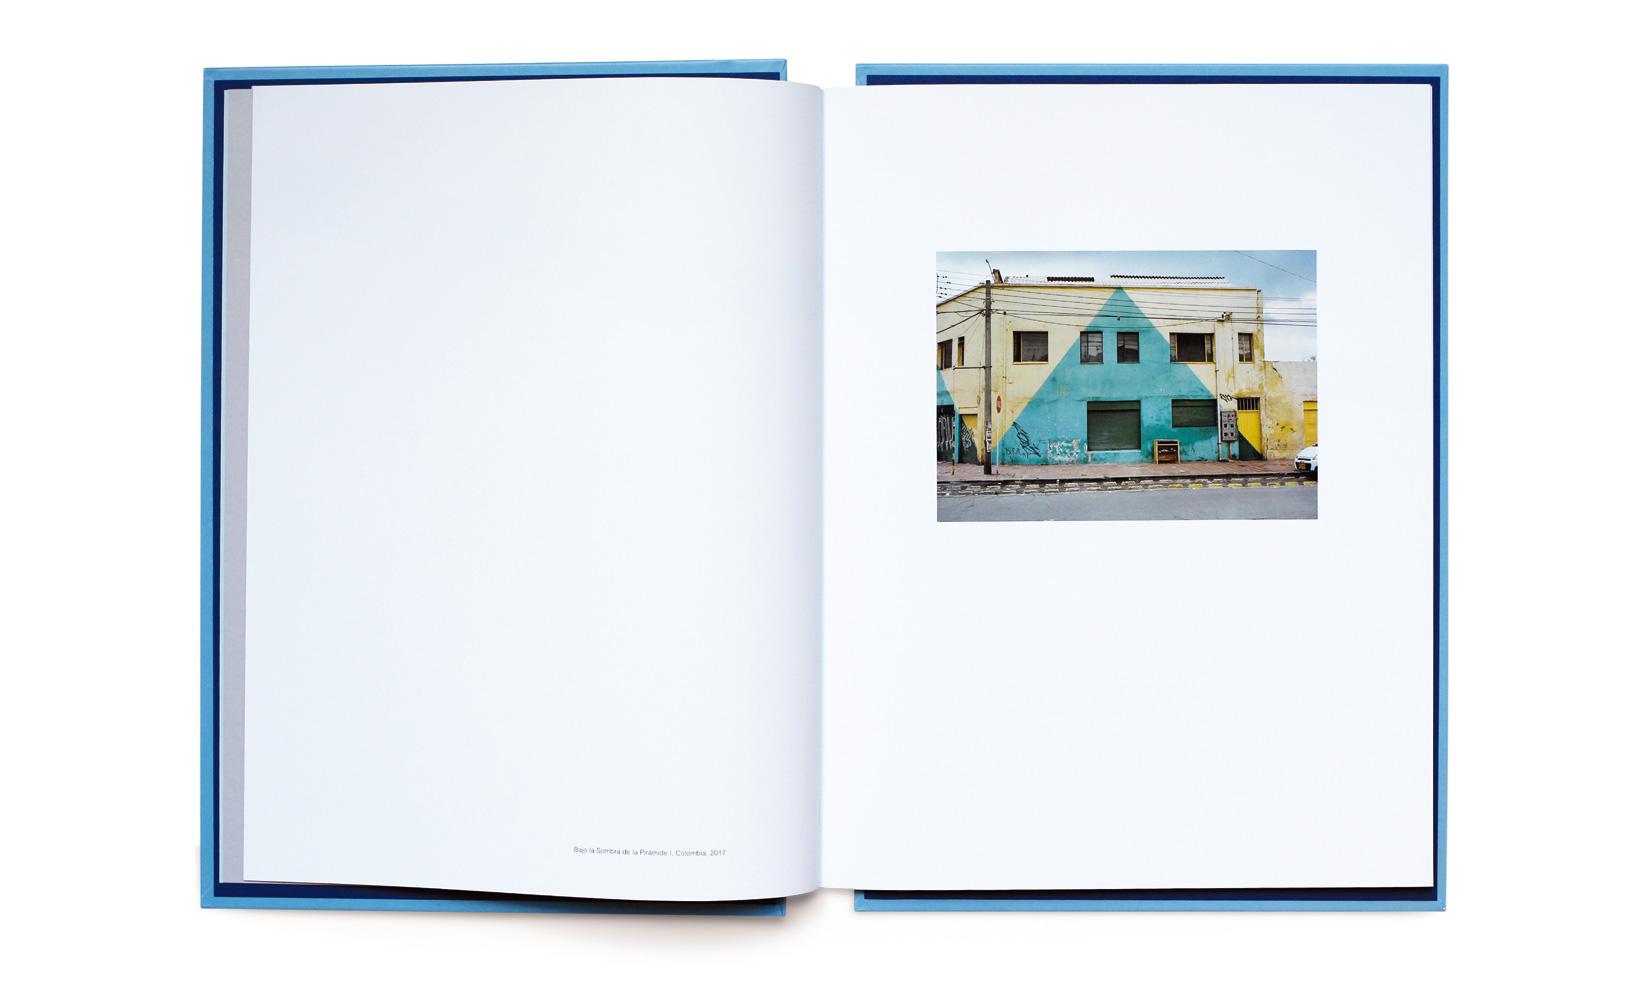 BAJO-LA-SOMBRA-DE-LA-PIRAMIDE-LOPEZ-LUZ-TOLUCA-STUDIO-ANDREOTTI-6.jpg